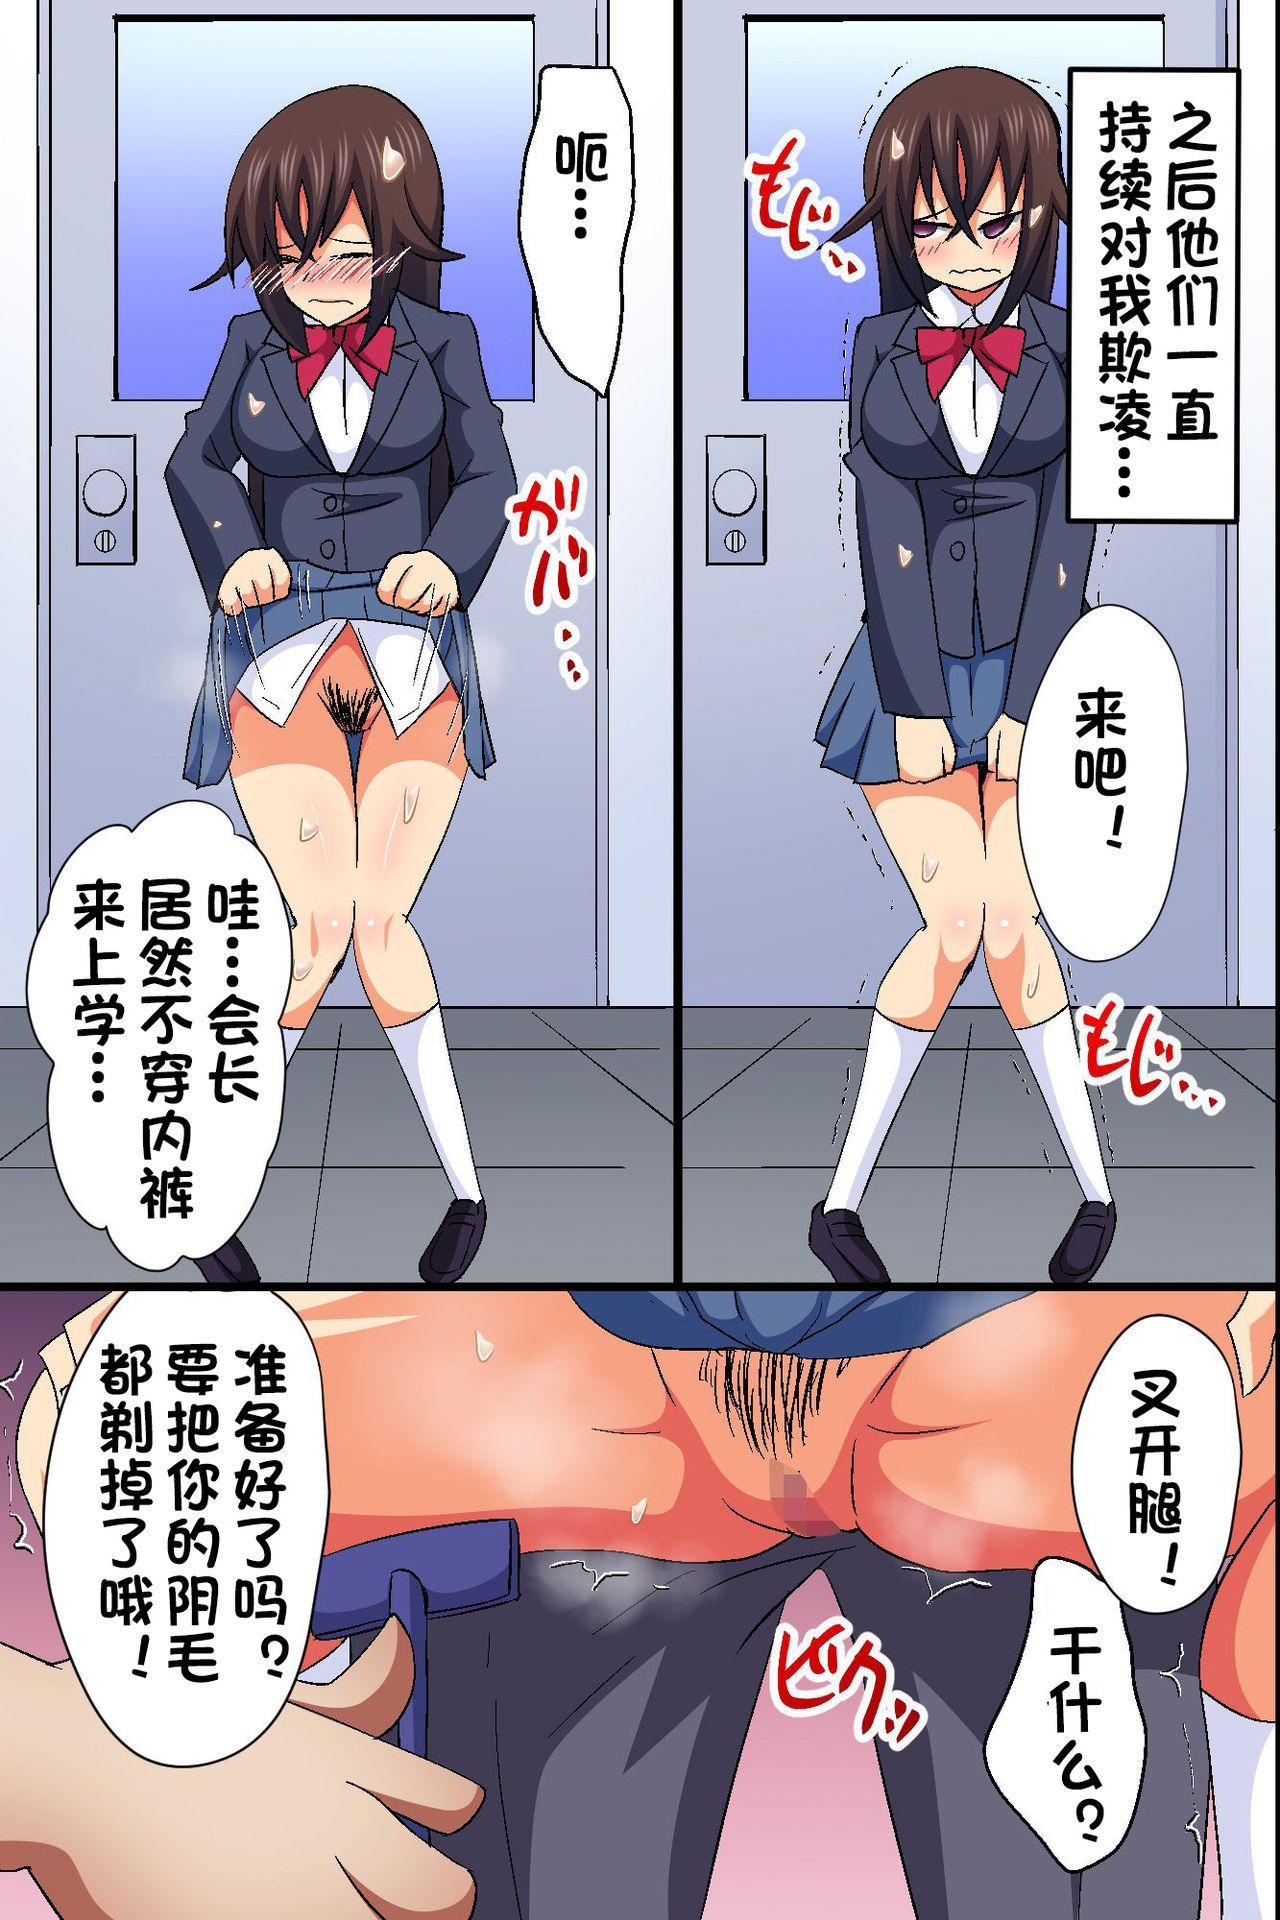 Akogare no Anoko ga Gesu Furyou-tachi ni Shojo o Ubawarete Sore o Neta ni Odosare Seishori Hentai Pet ni Ochiteita 21